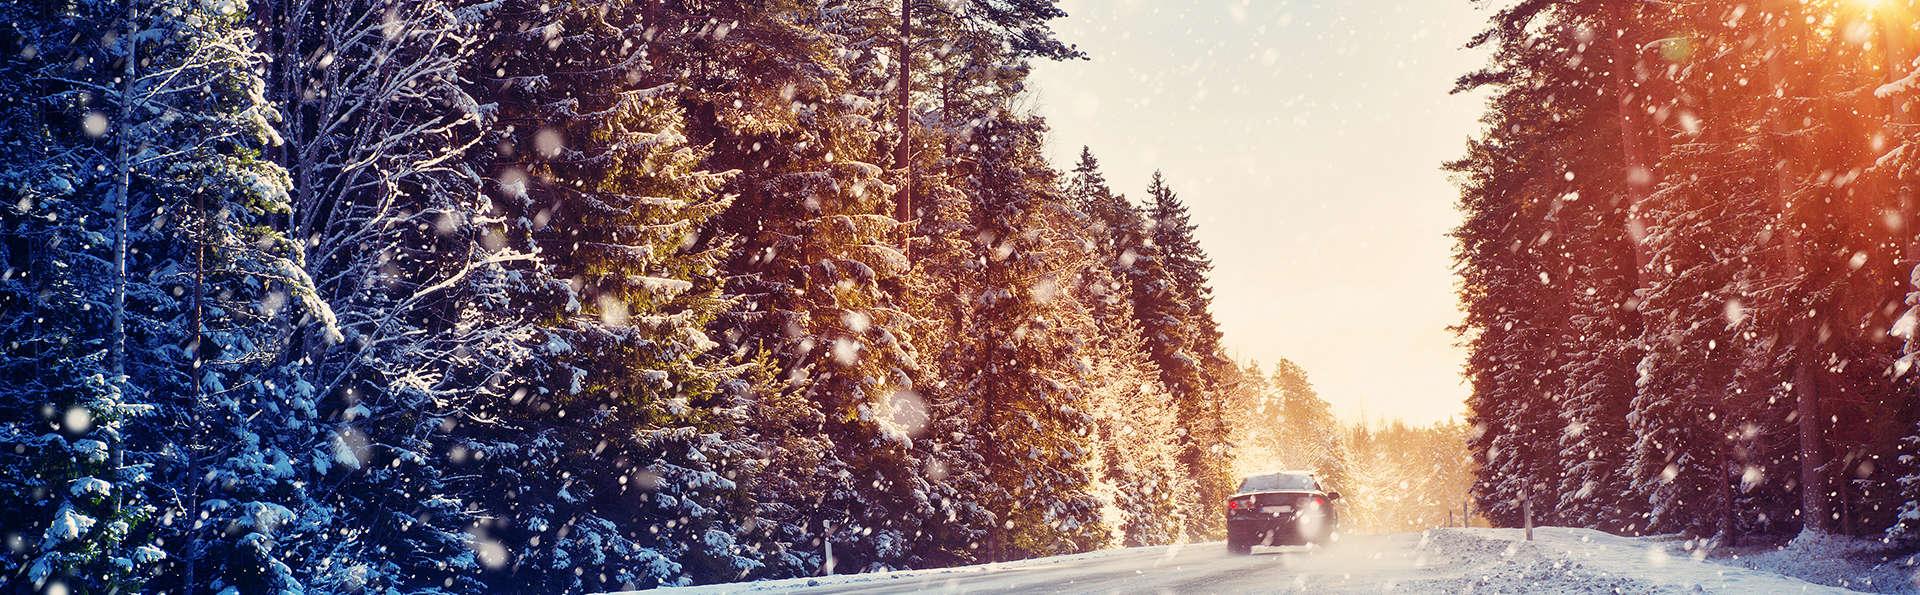 Vier de Kerst op culinaire wijze en geniet van de prachtige natuur van de Veluwe (2 nachten)